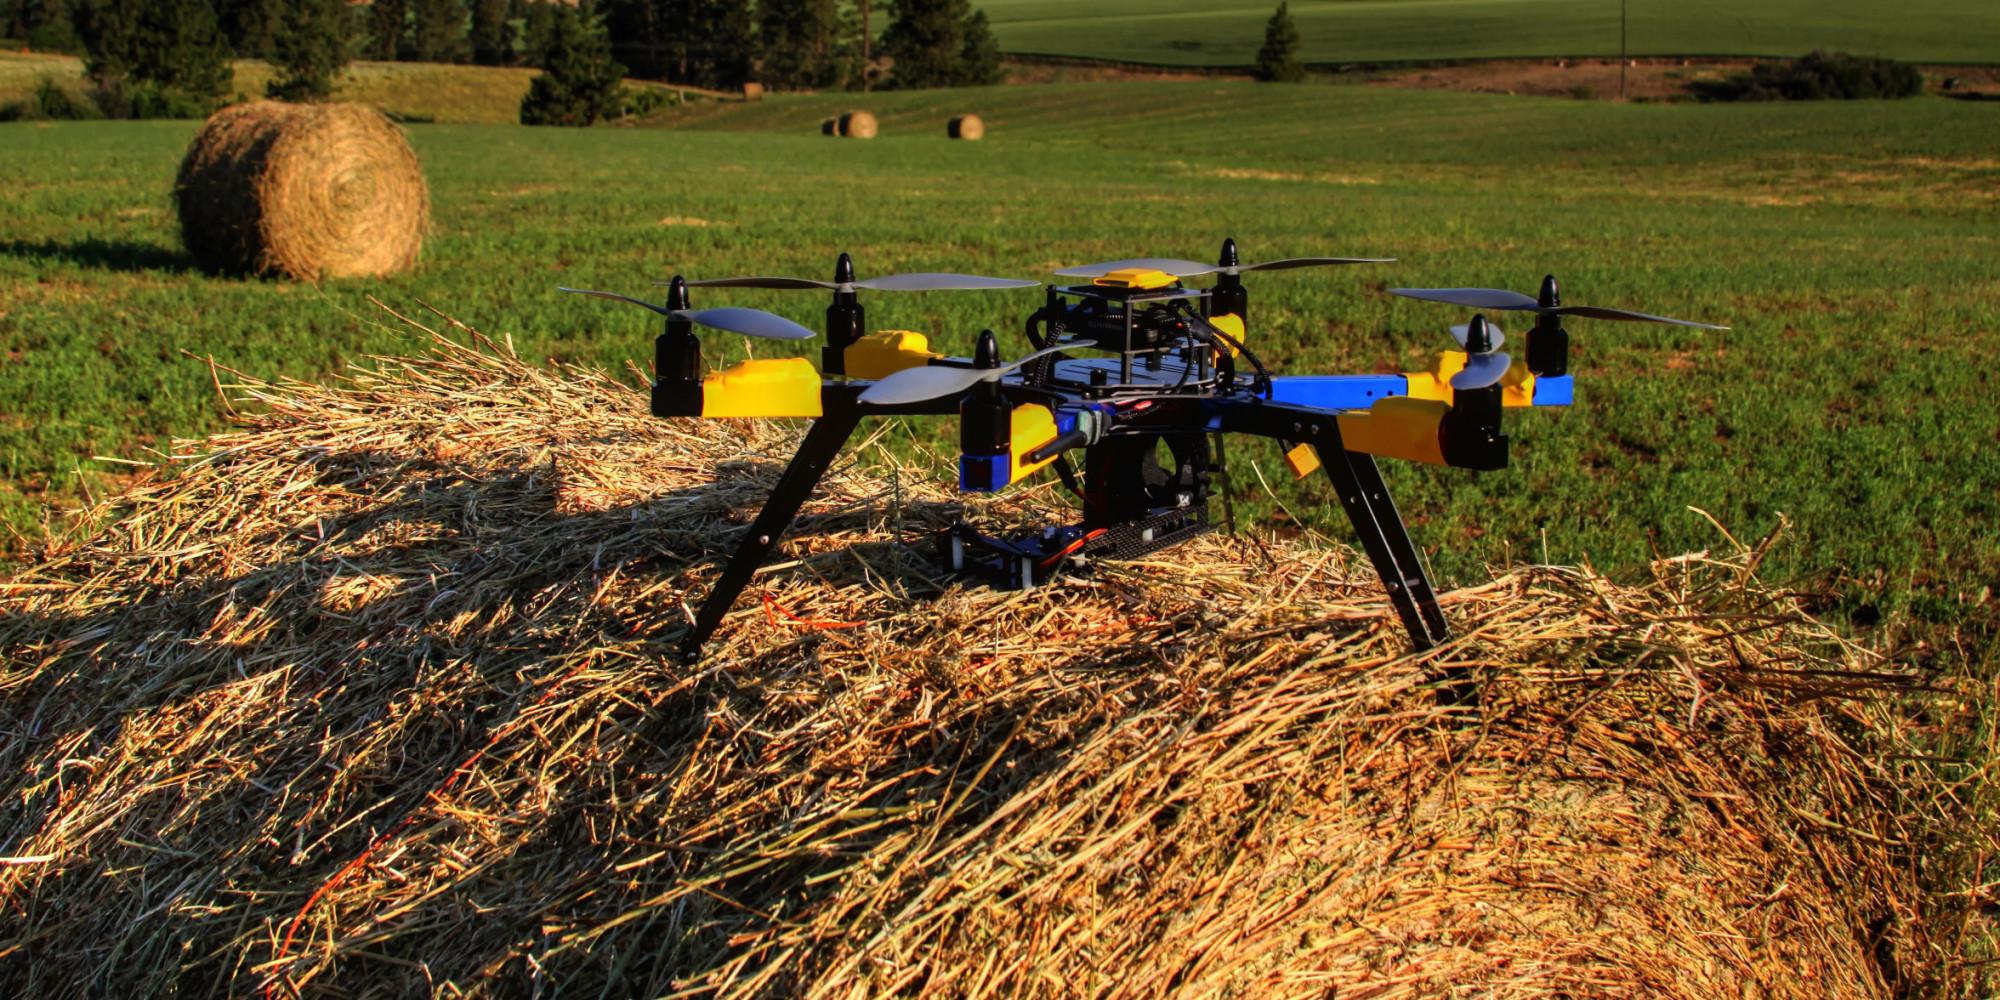 иновационные техники в сельском хозяйстве фото двух ноутах